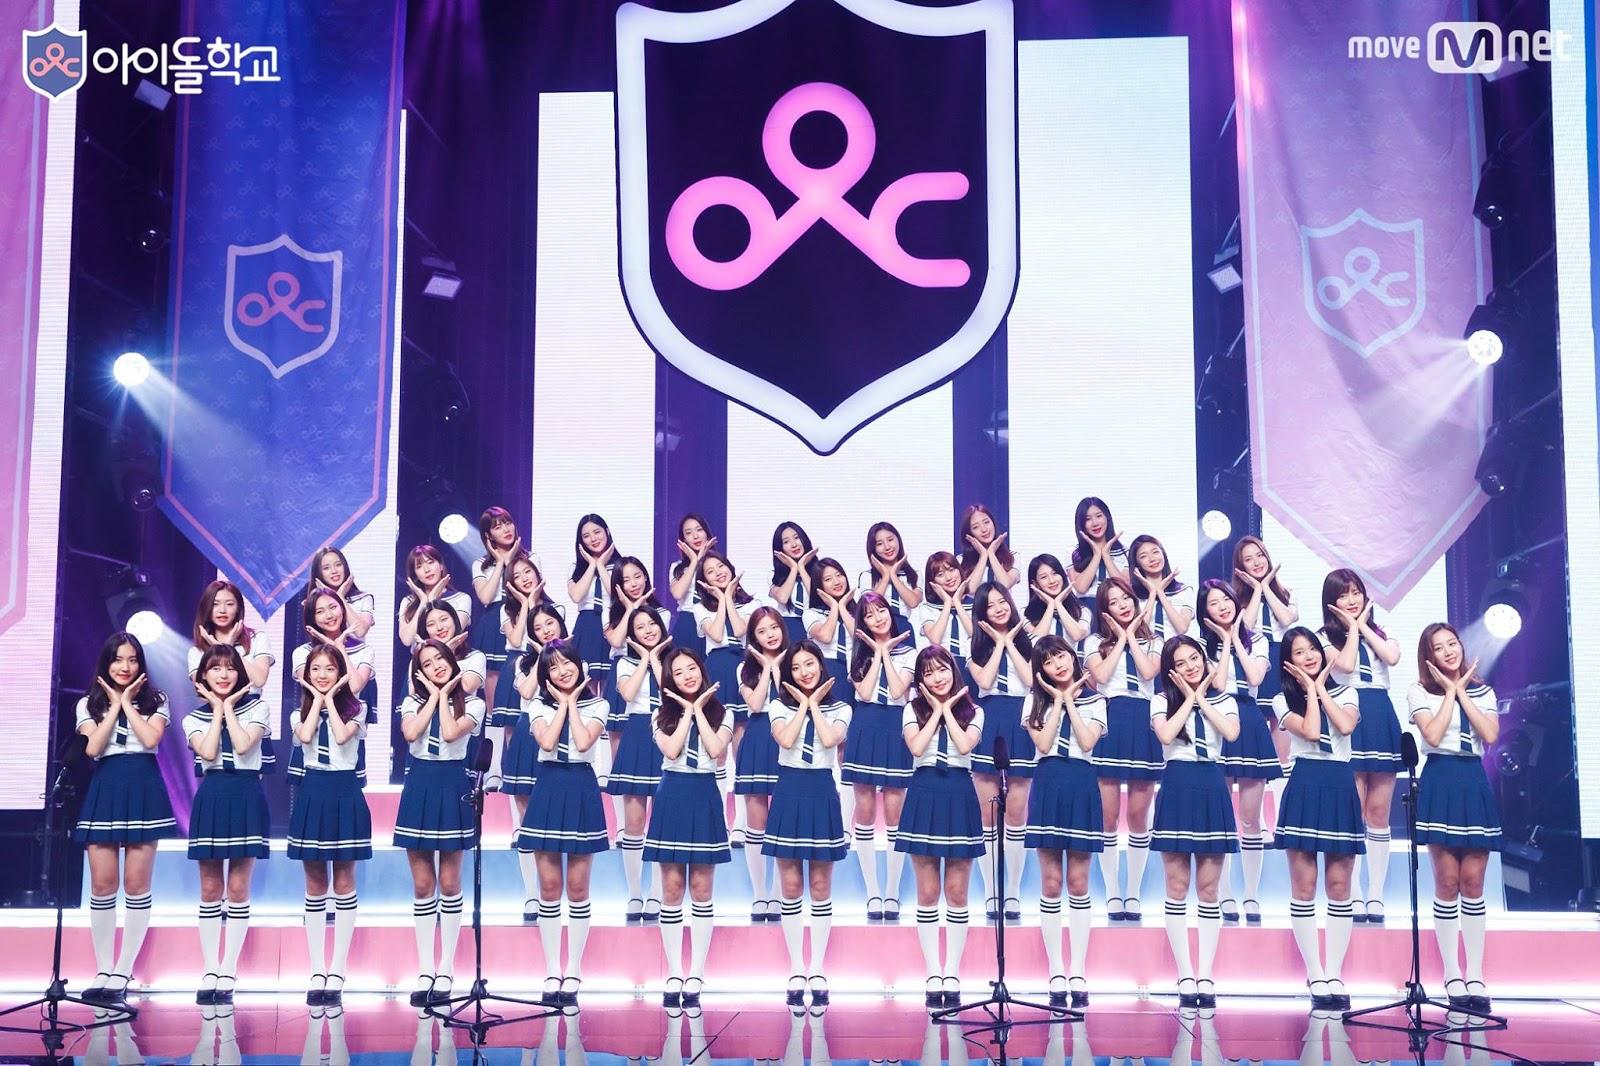 idol school rigged votes 2